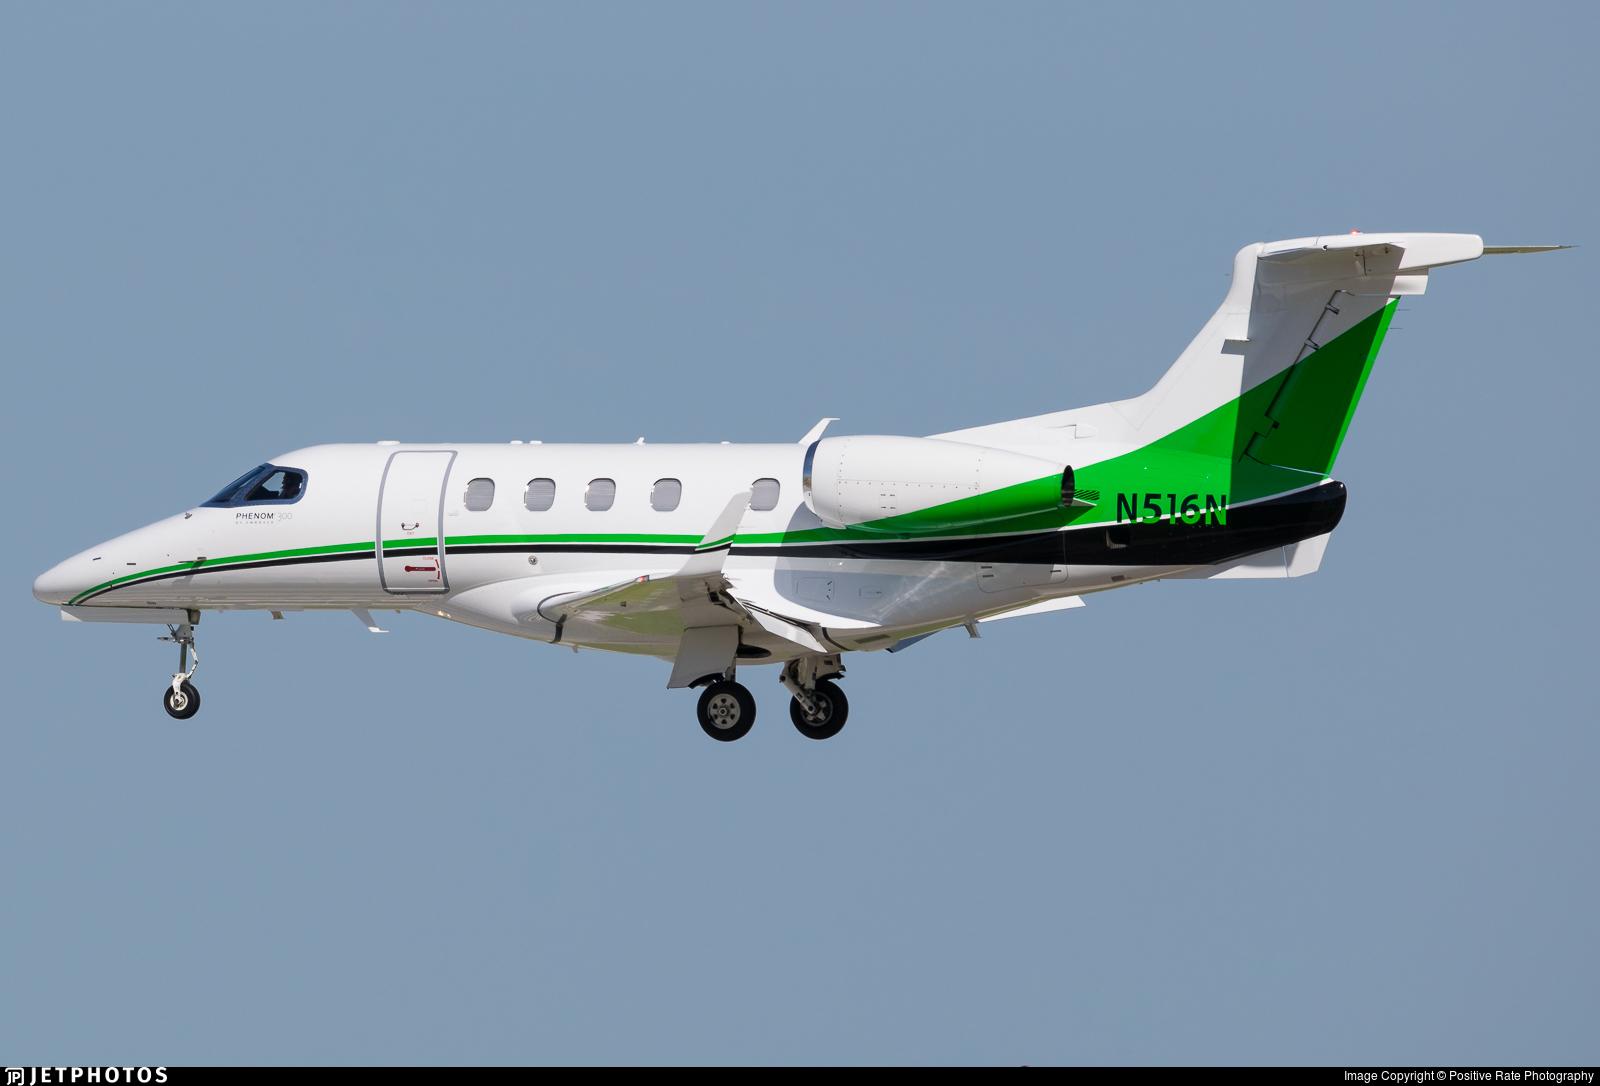 N516N - Embraer 505 Phenom 300 - Private